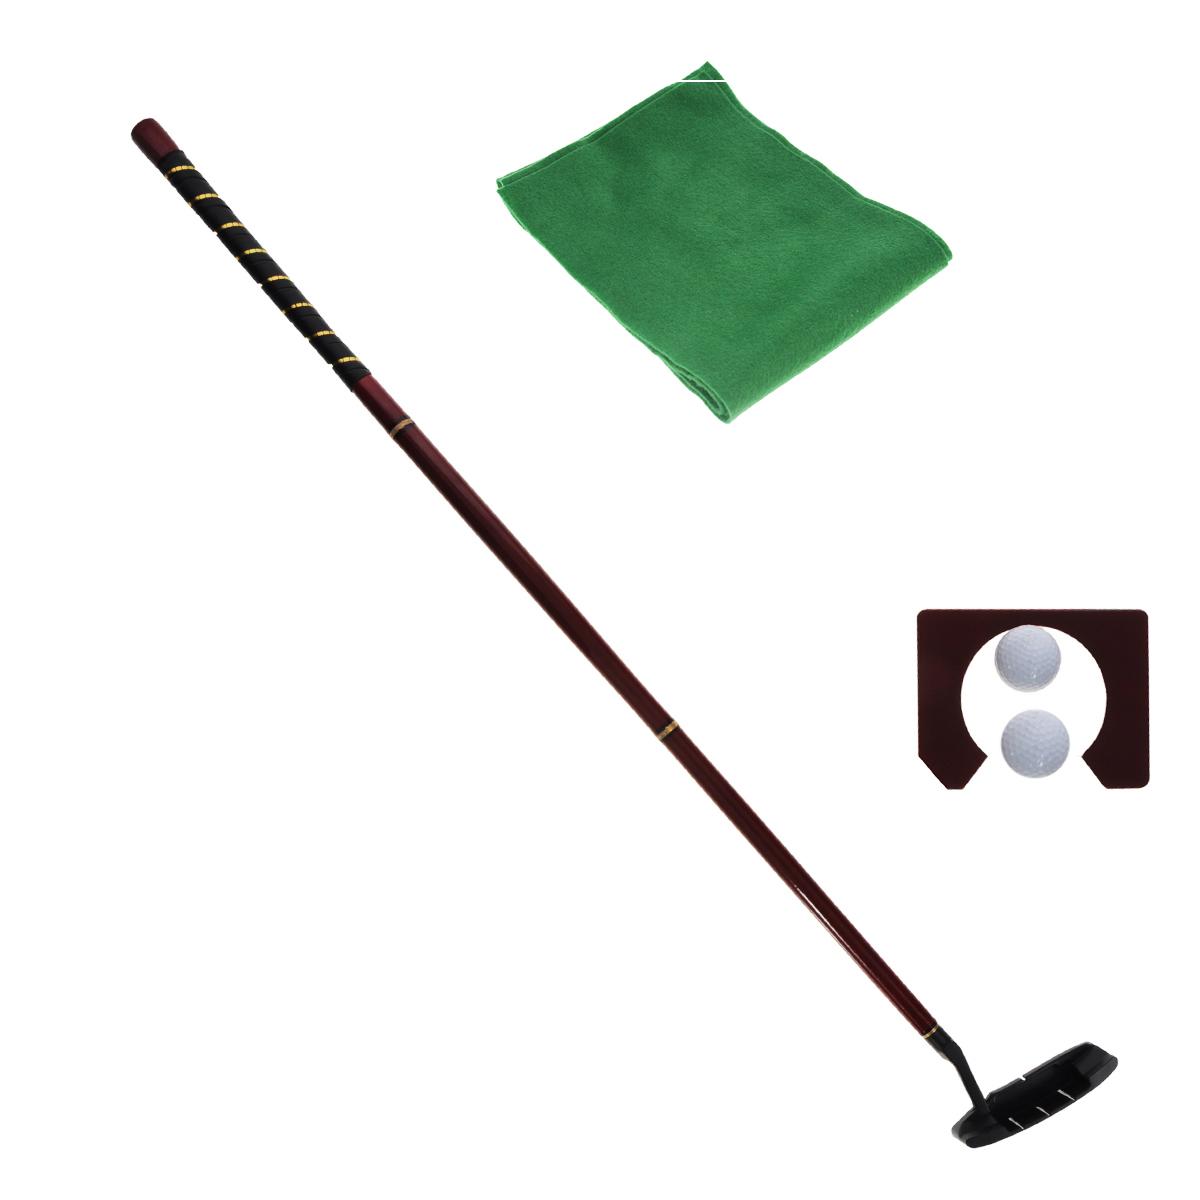 Подарочный набор для гольфа Русские Подарки, размер: 34*30*8 см. 4401744017Подарочный набор для гольфа Русские Подарки, выполненный из дерева и покрытый цветным лаком, никого не оставит равнодушным. В комплект игры входят: клюшка-путтер, собирающаяся из четырех деталей - трех деталей ручки и металлического наконечника; 2 мячика, лунка и игровое поле из нетканого материала, имитирующее газон. Верх ручки украшен декоративной оплеткой, детали скрепляются между собой с помощью металлических вставок с резьбой. Набор вложен в деревянный кейс с удобной ручкой, закрывающийся на замок-защелку. Игра поможет развить точность глазомера, мелкую моторику, снять стресс и интересно и с пользой провести время.